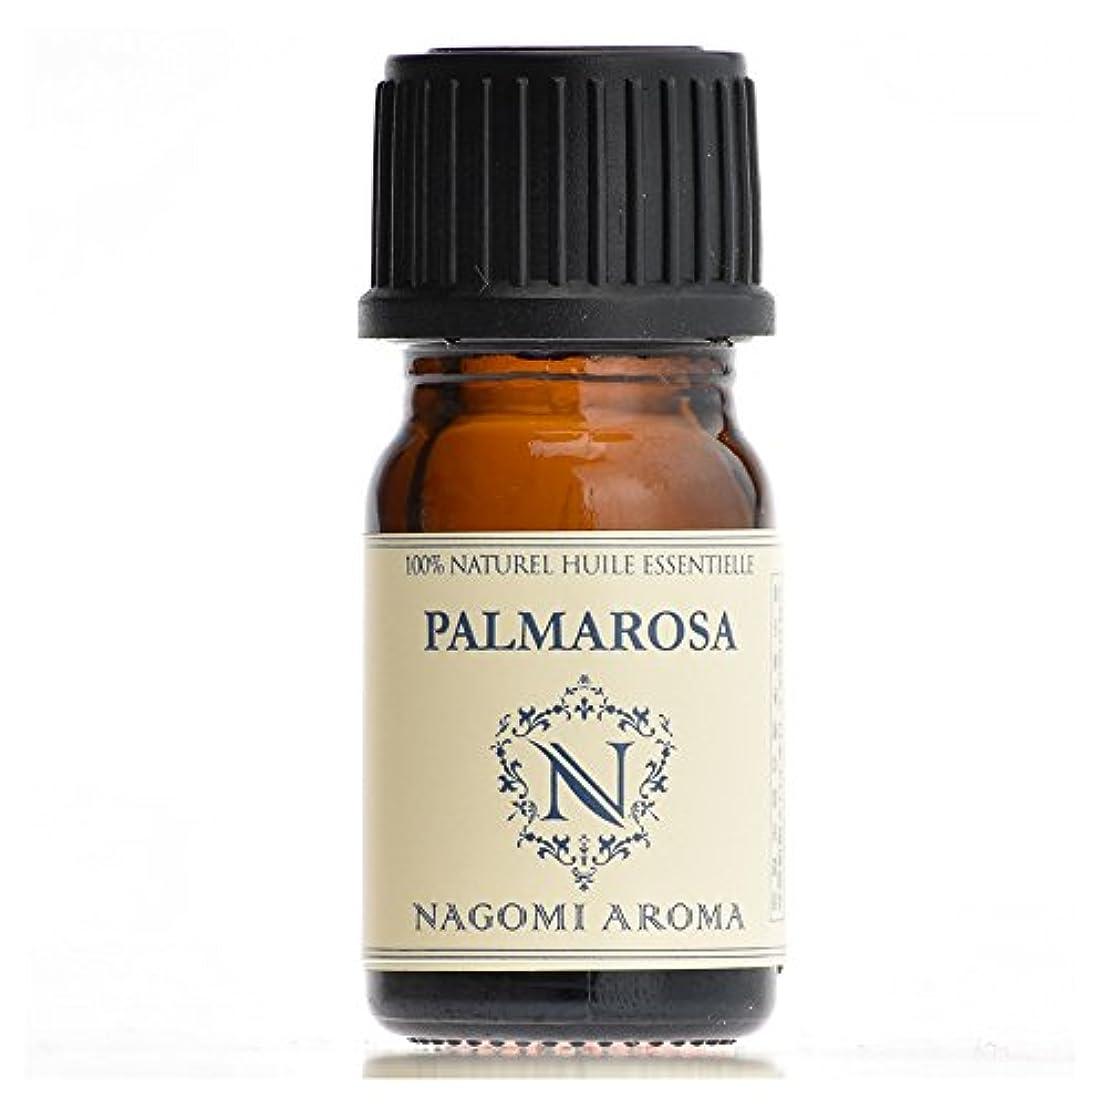 十分セール北方【AEAJ認定表示基準認定精油】NAGOMI PURE パルマローザ 5ml 【エッセンシャルオイル】【精油】【アロマオイル】|CONVOILs